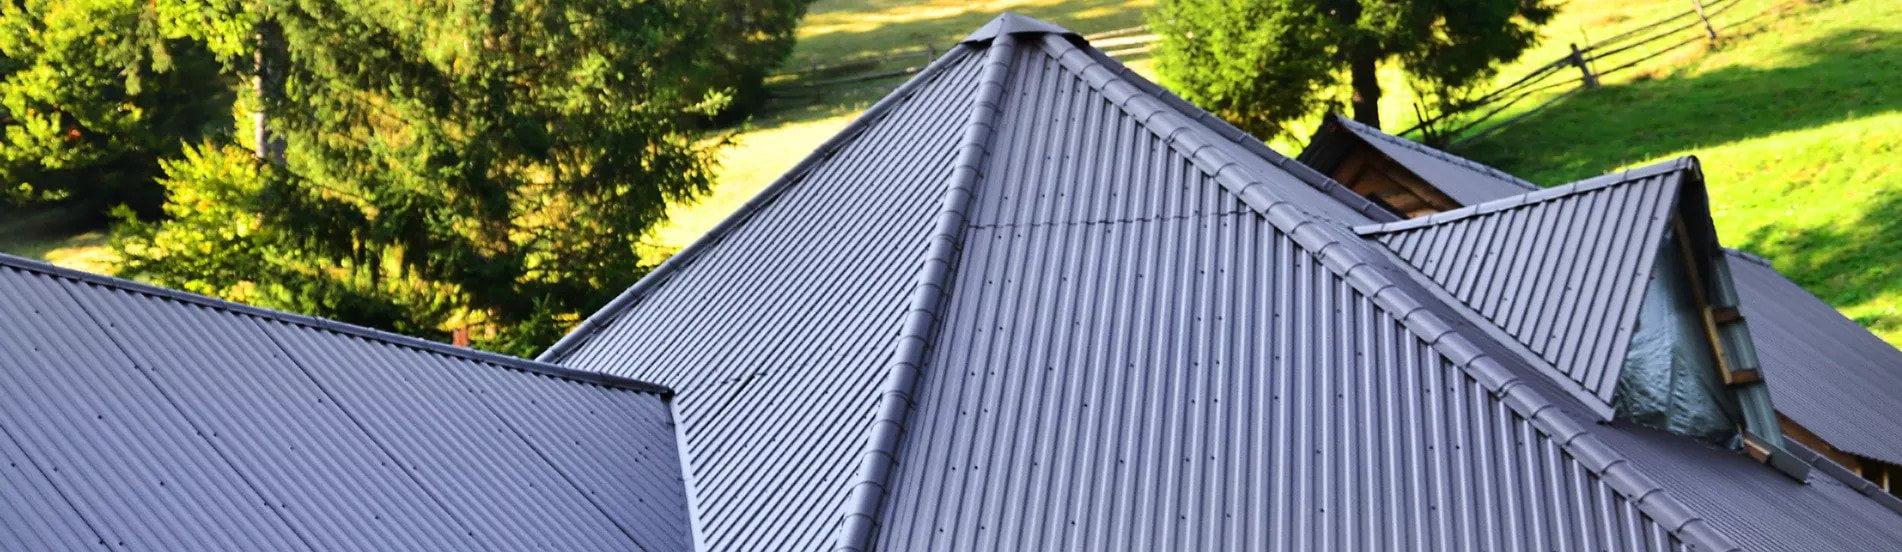 Roof repairs delta